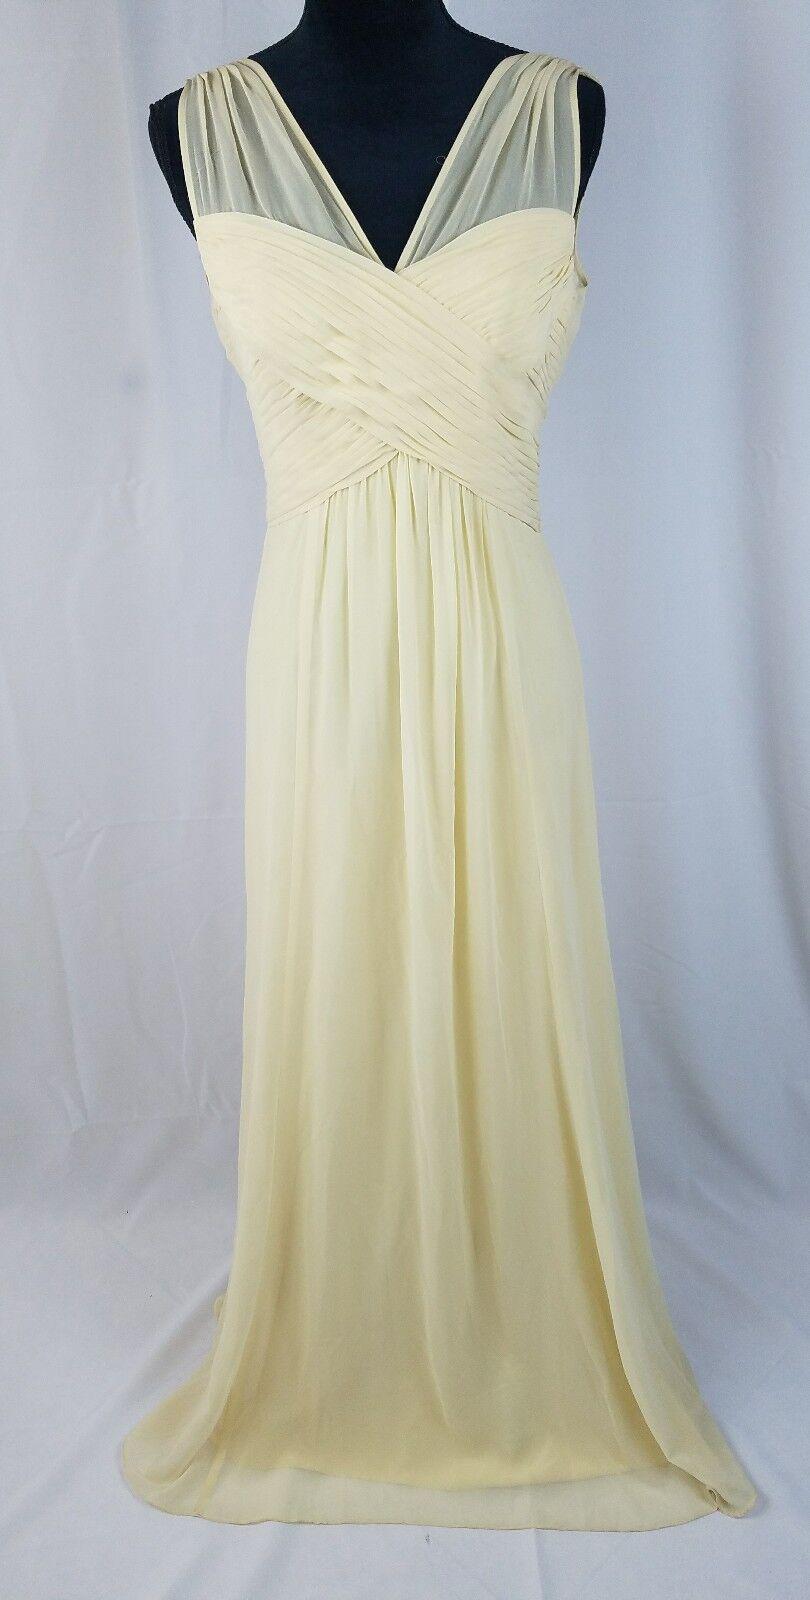 Ralph Lauren Damen 4 Abschlussballkleid Gelb Chiffon Abendkleid